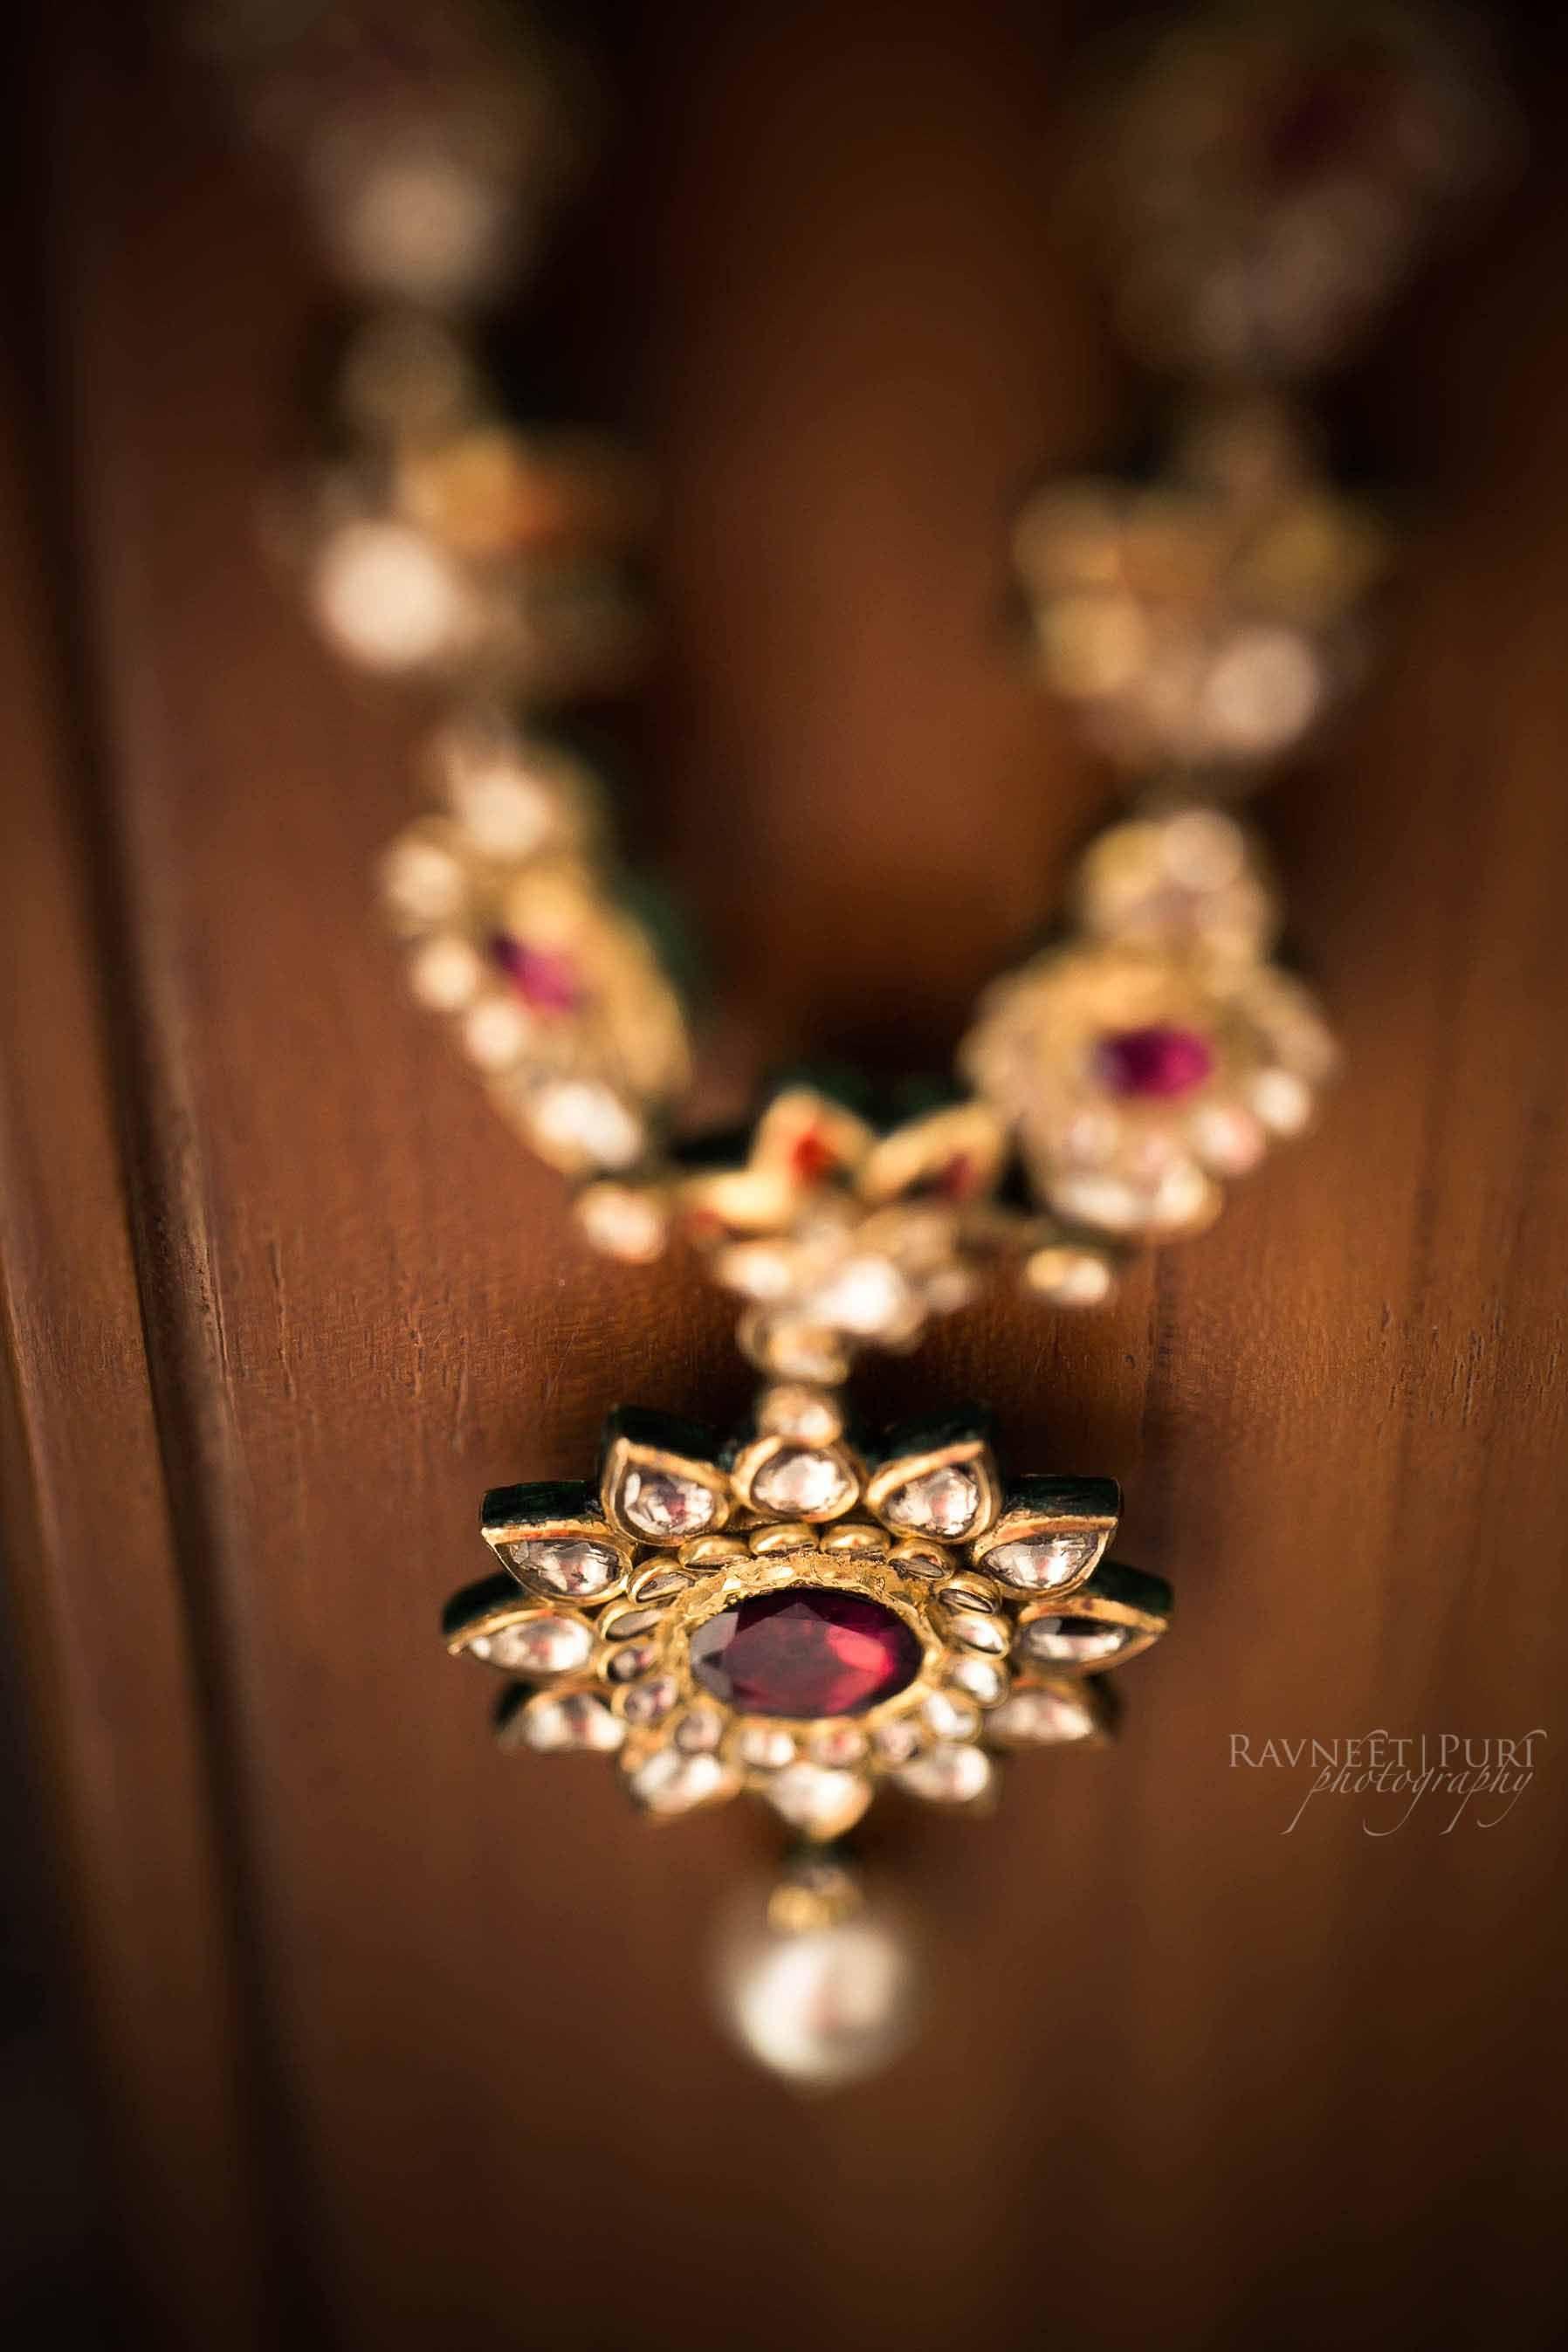 #weddingjewellery #indianweddingphotographers #weddingphotography #polki